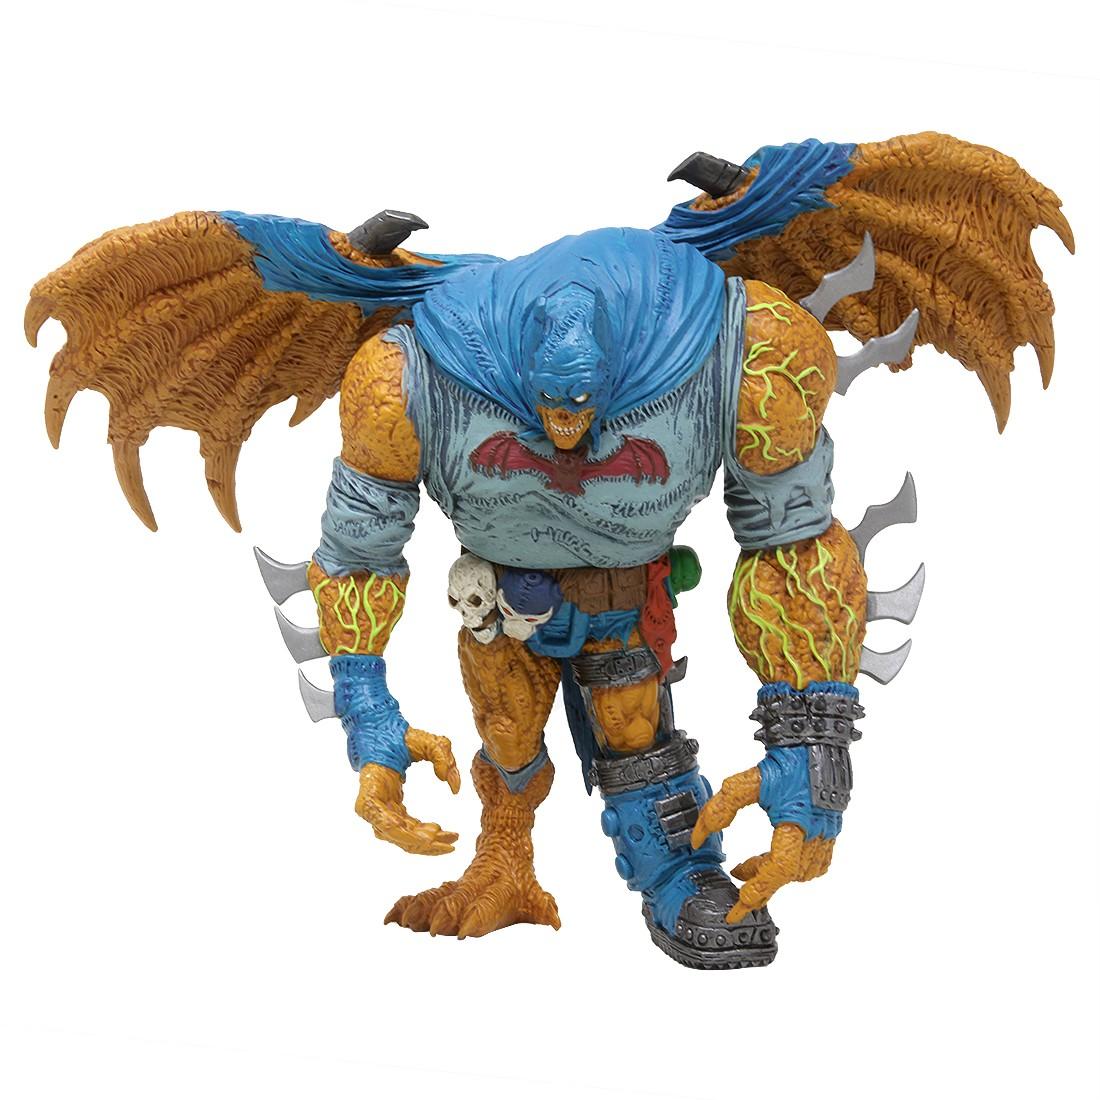 DC Comics DC Artists Alley James Groman Batman Figure (blue)